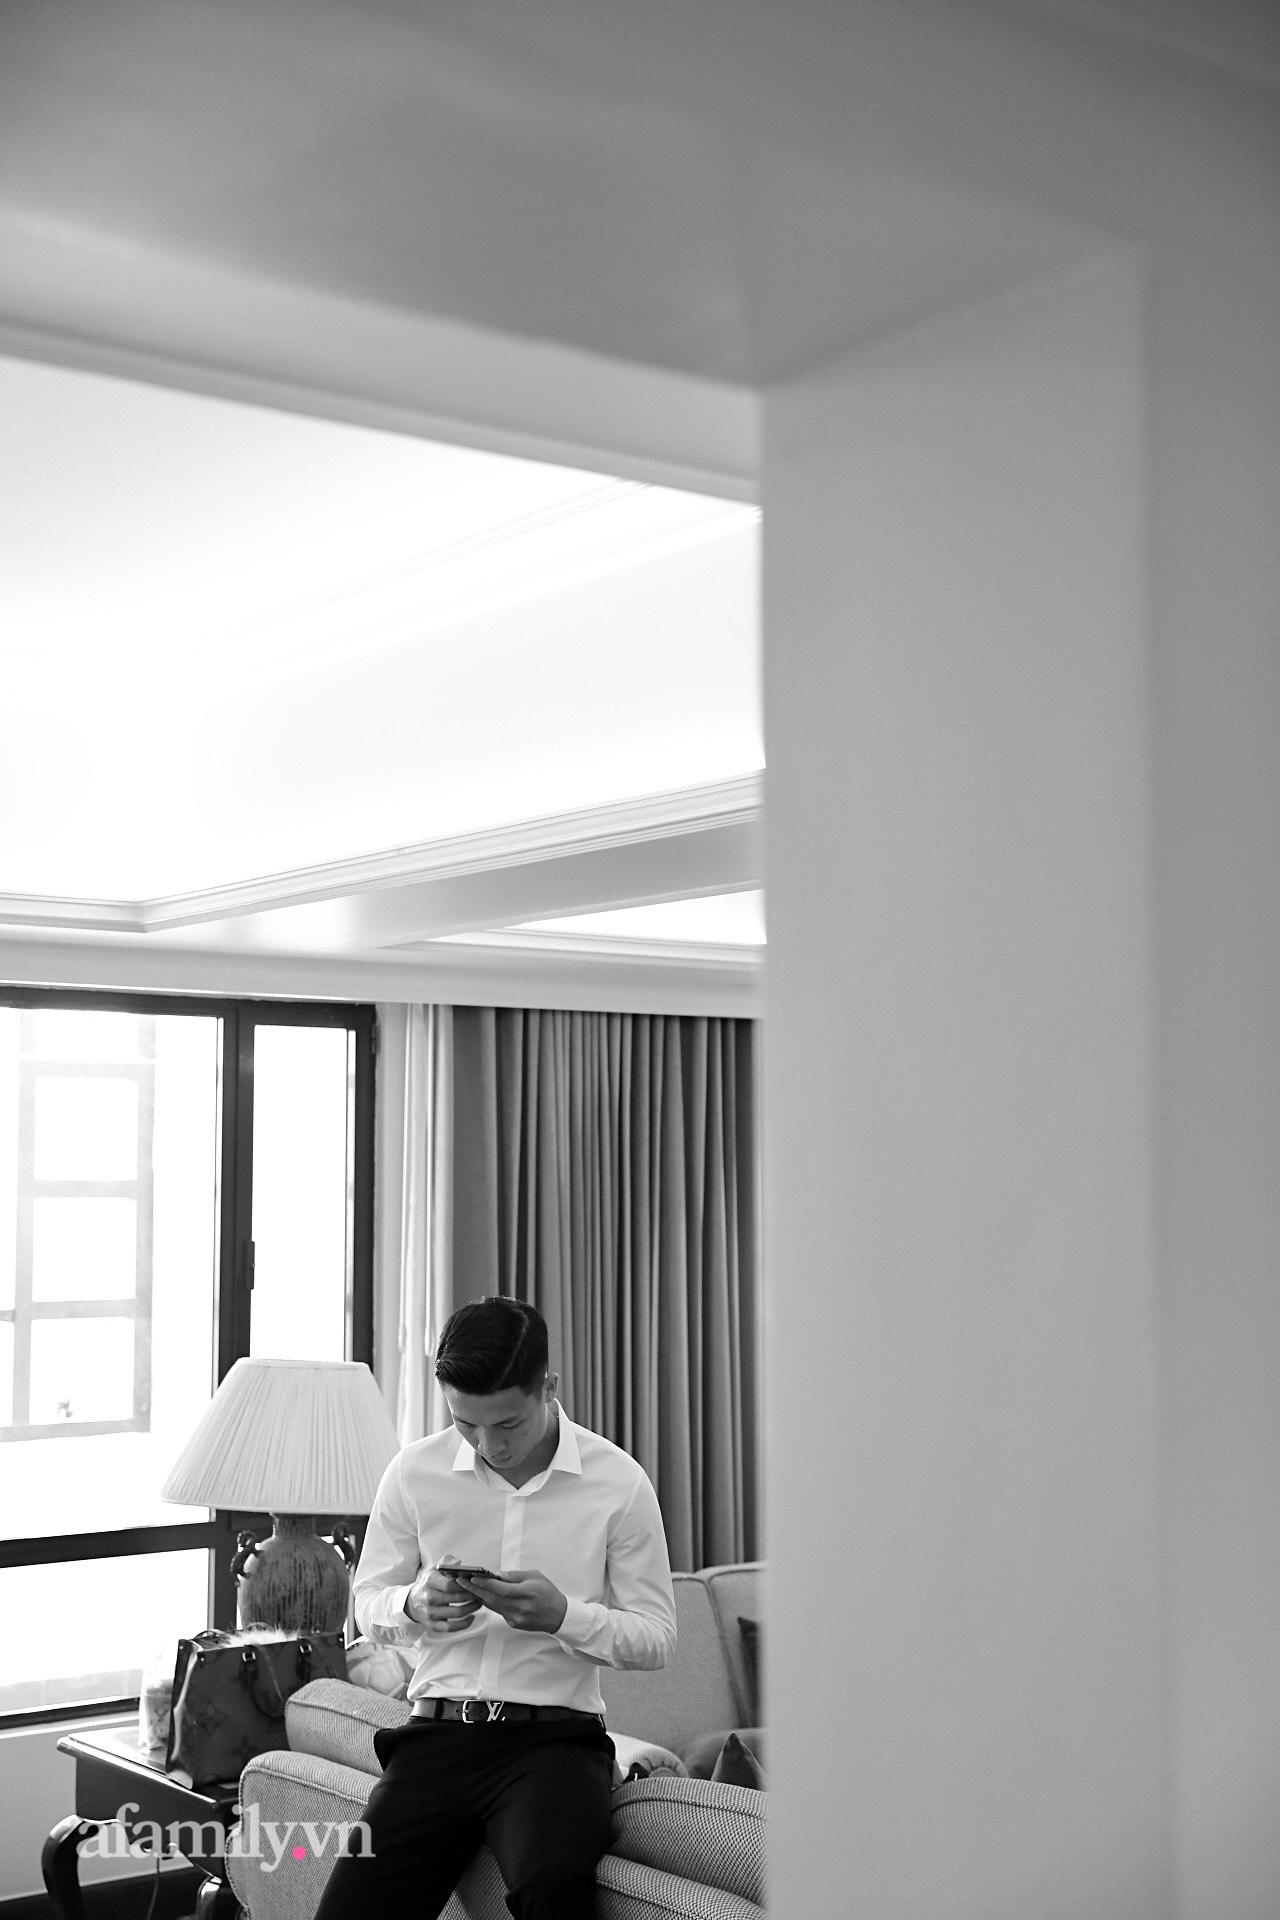 Hình ảnh đầu tiên của cặp đôi Bùi Tiến Dũng - Khánh Linh ở khách sạn tổ chức đám cưới tại Hà Nội, nhan sắc cô dâu xinh đến ngỡ ngàng-5